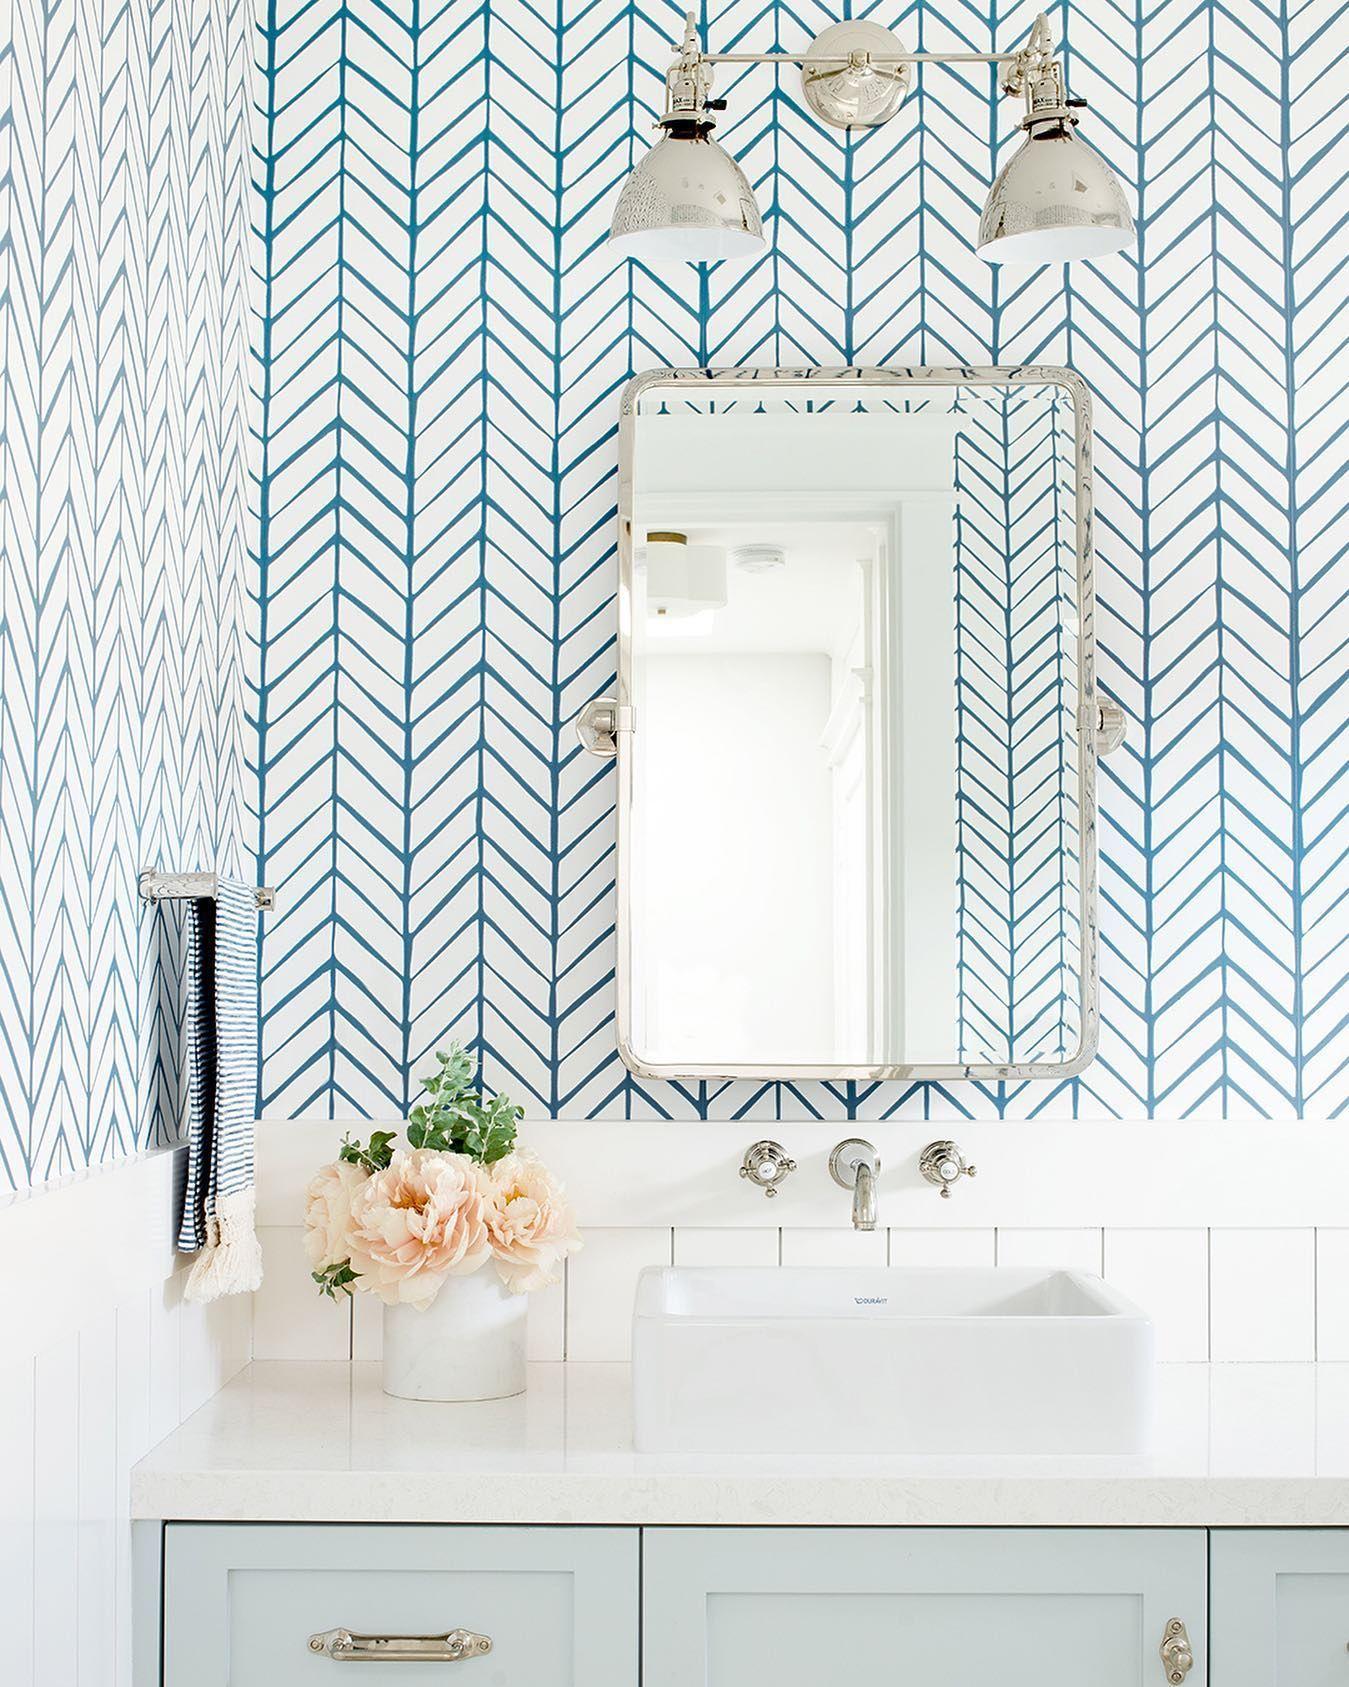 Feather Wallpaper In 2020 Badezimmer Tapete Badezimmer Design Bad Styling